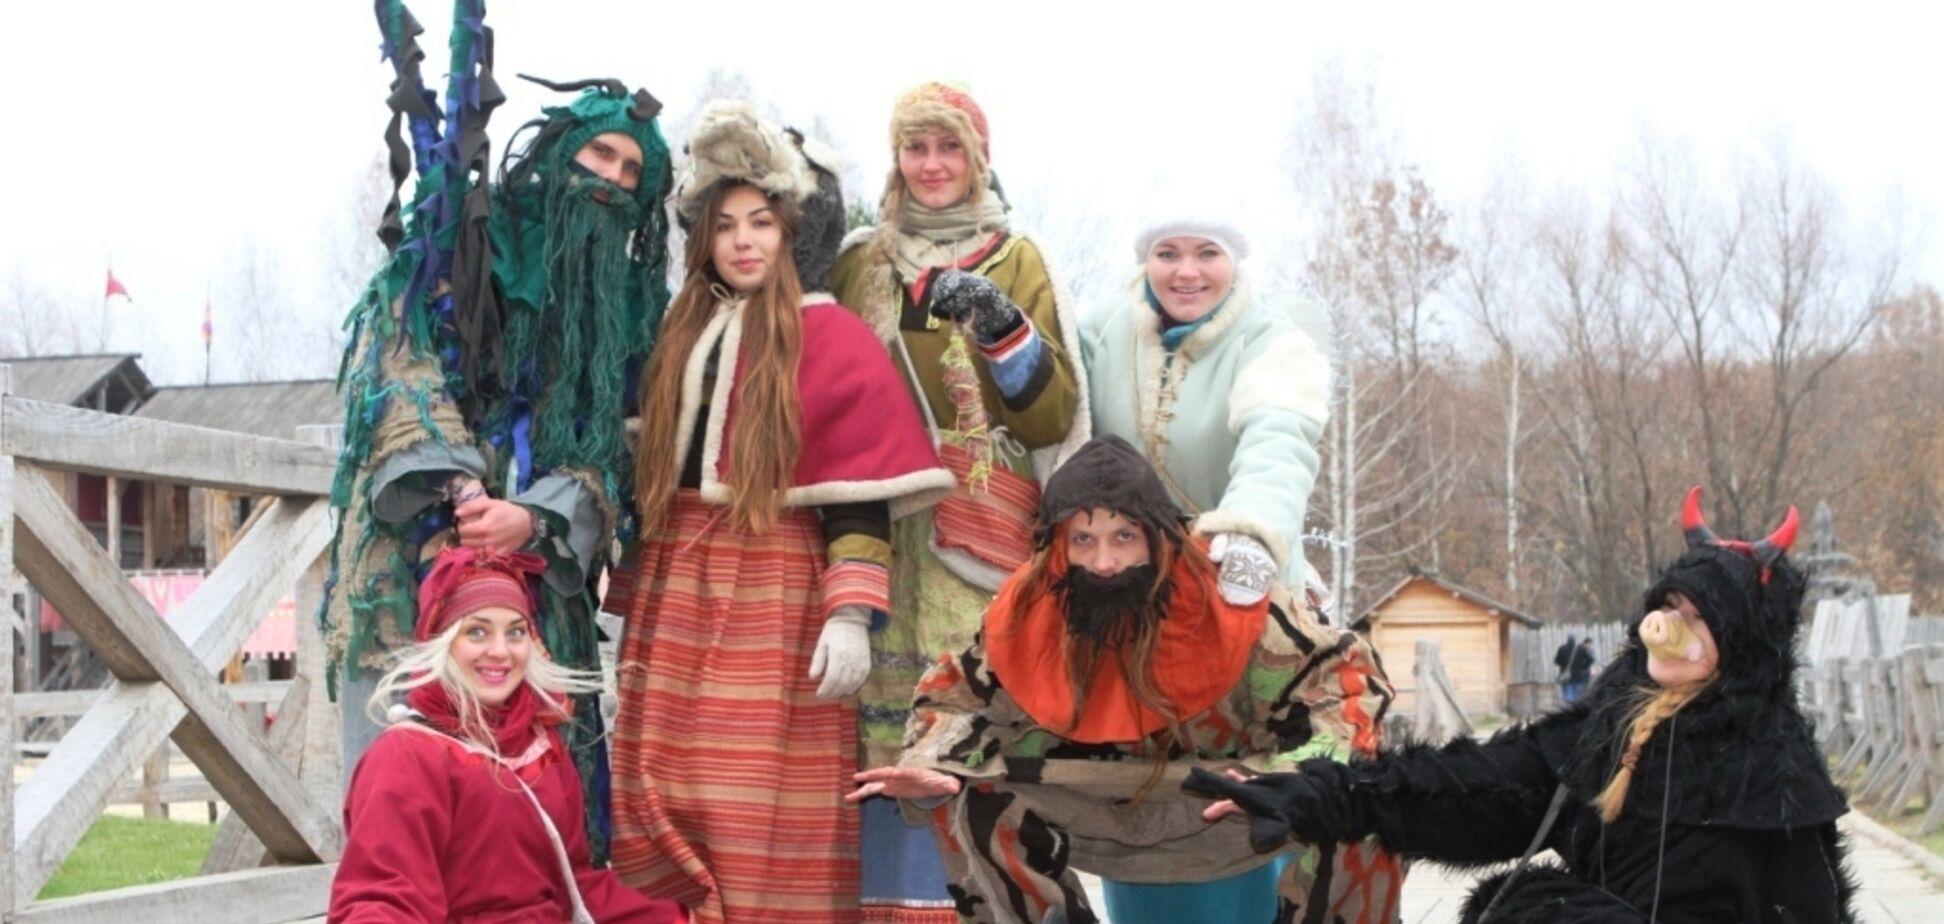 На Киевщине устроят проводы зимы с 'хмельными гуляниями'